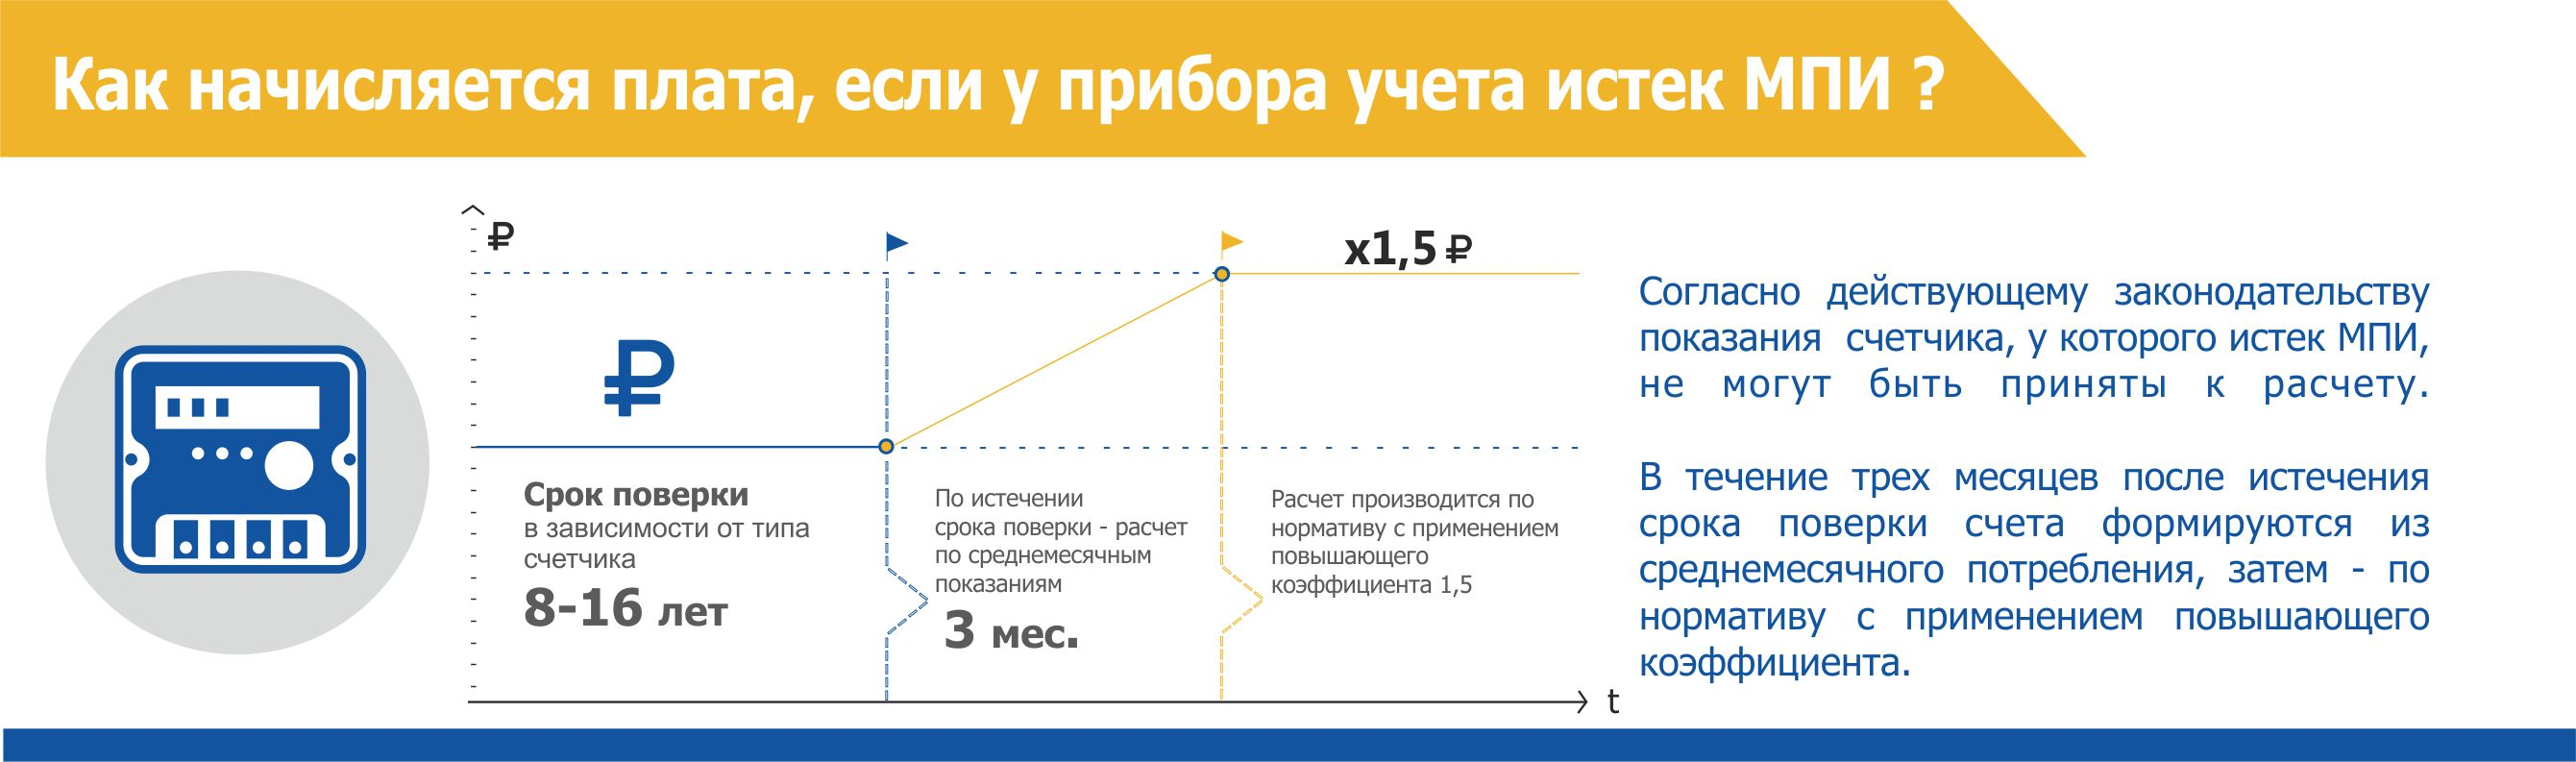 Через сколько лет истекает срок службы счетчика электроэнергии: порядок действий при его замене